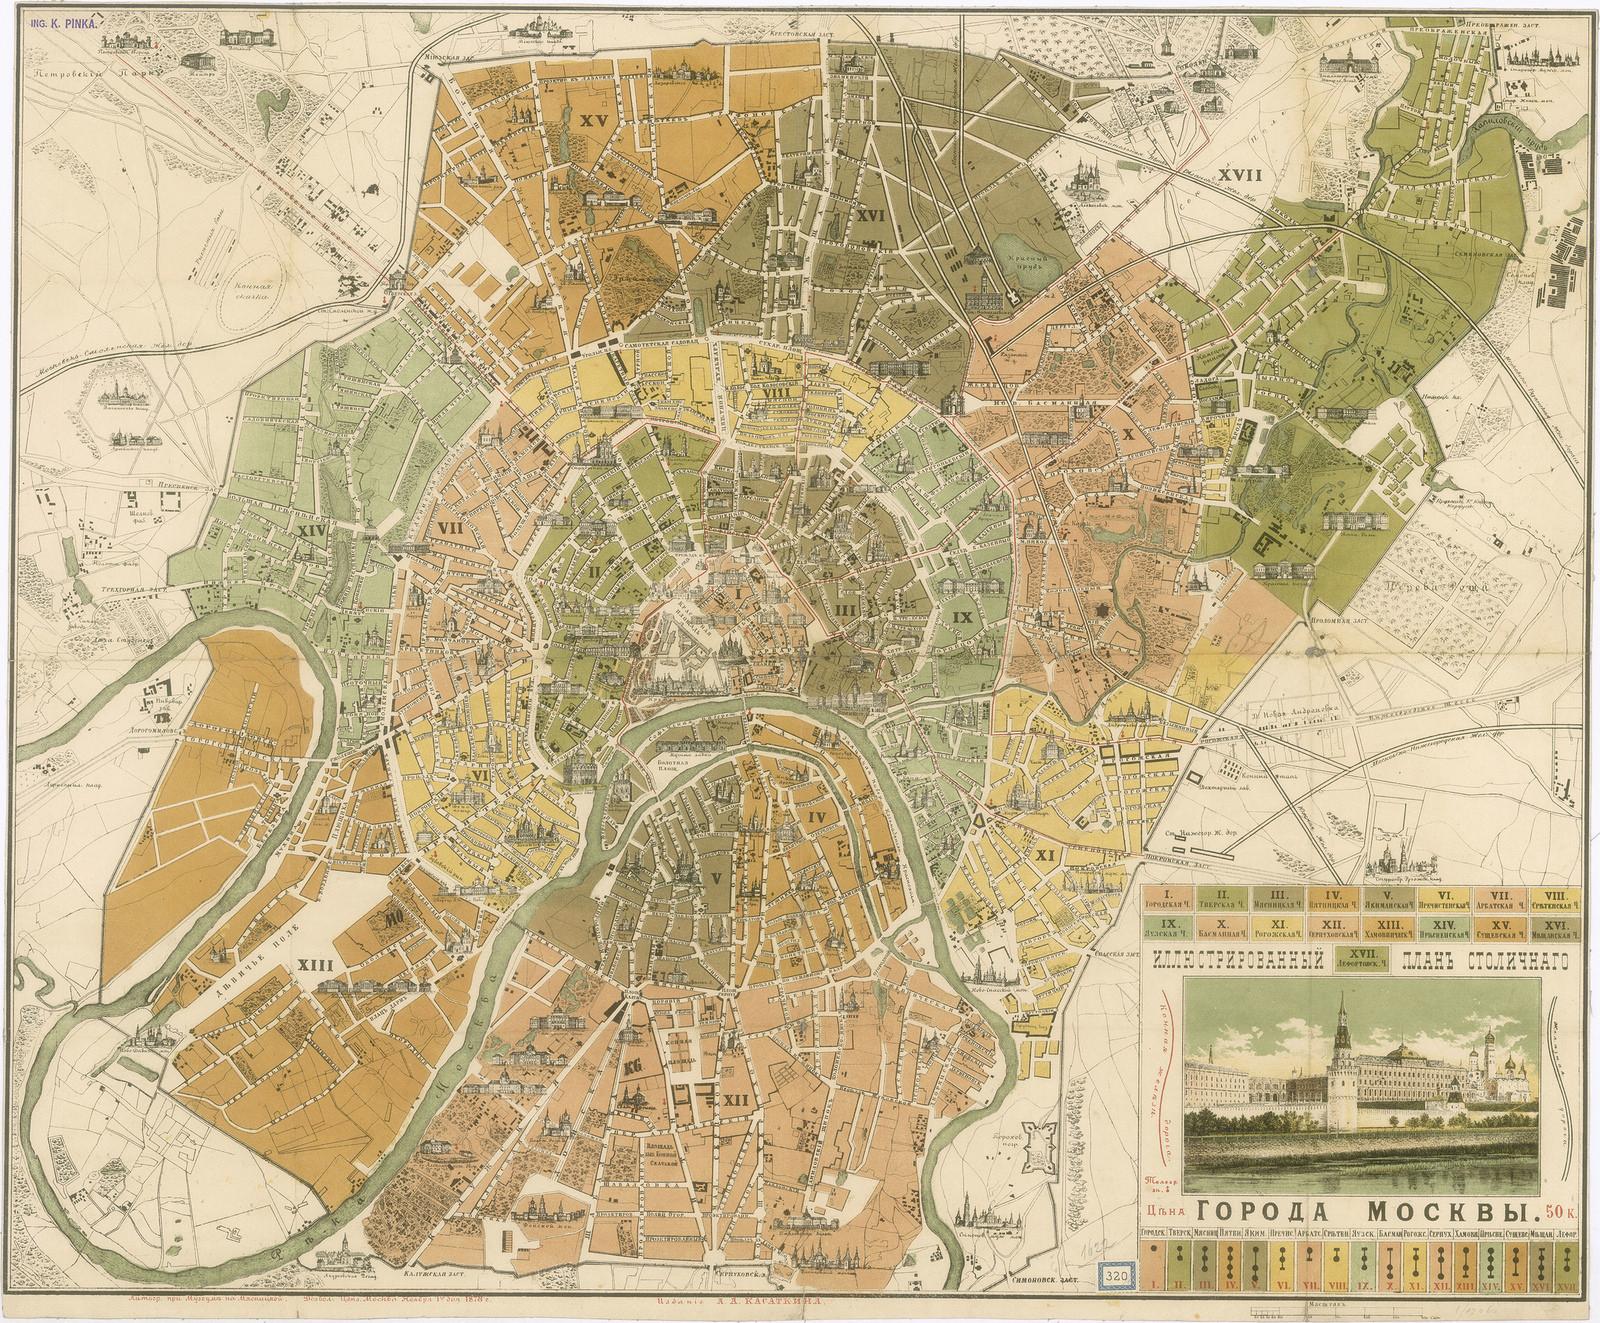 пресс картинка план москвы этой странице